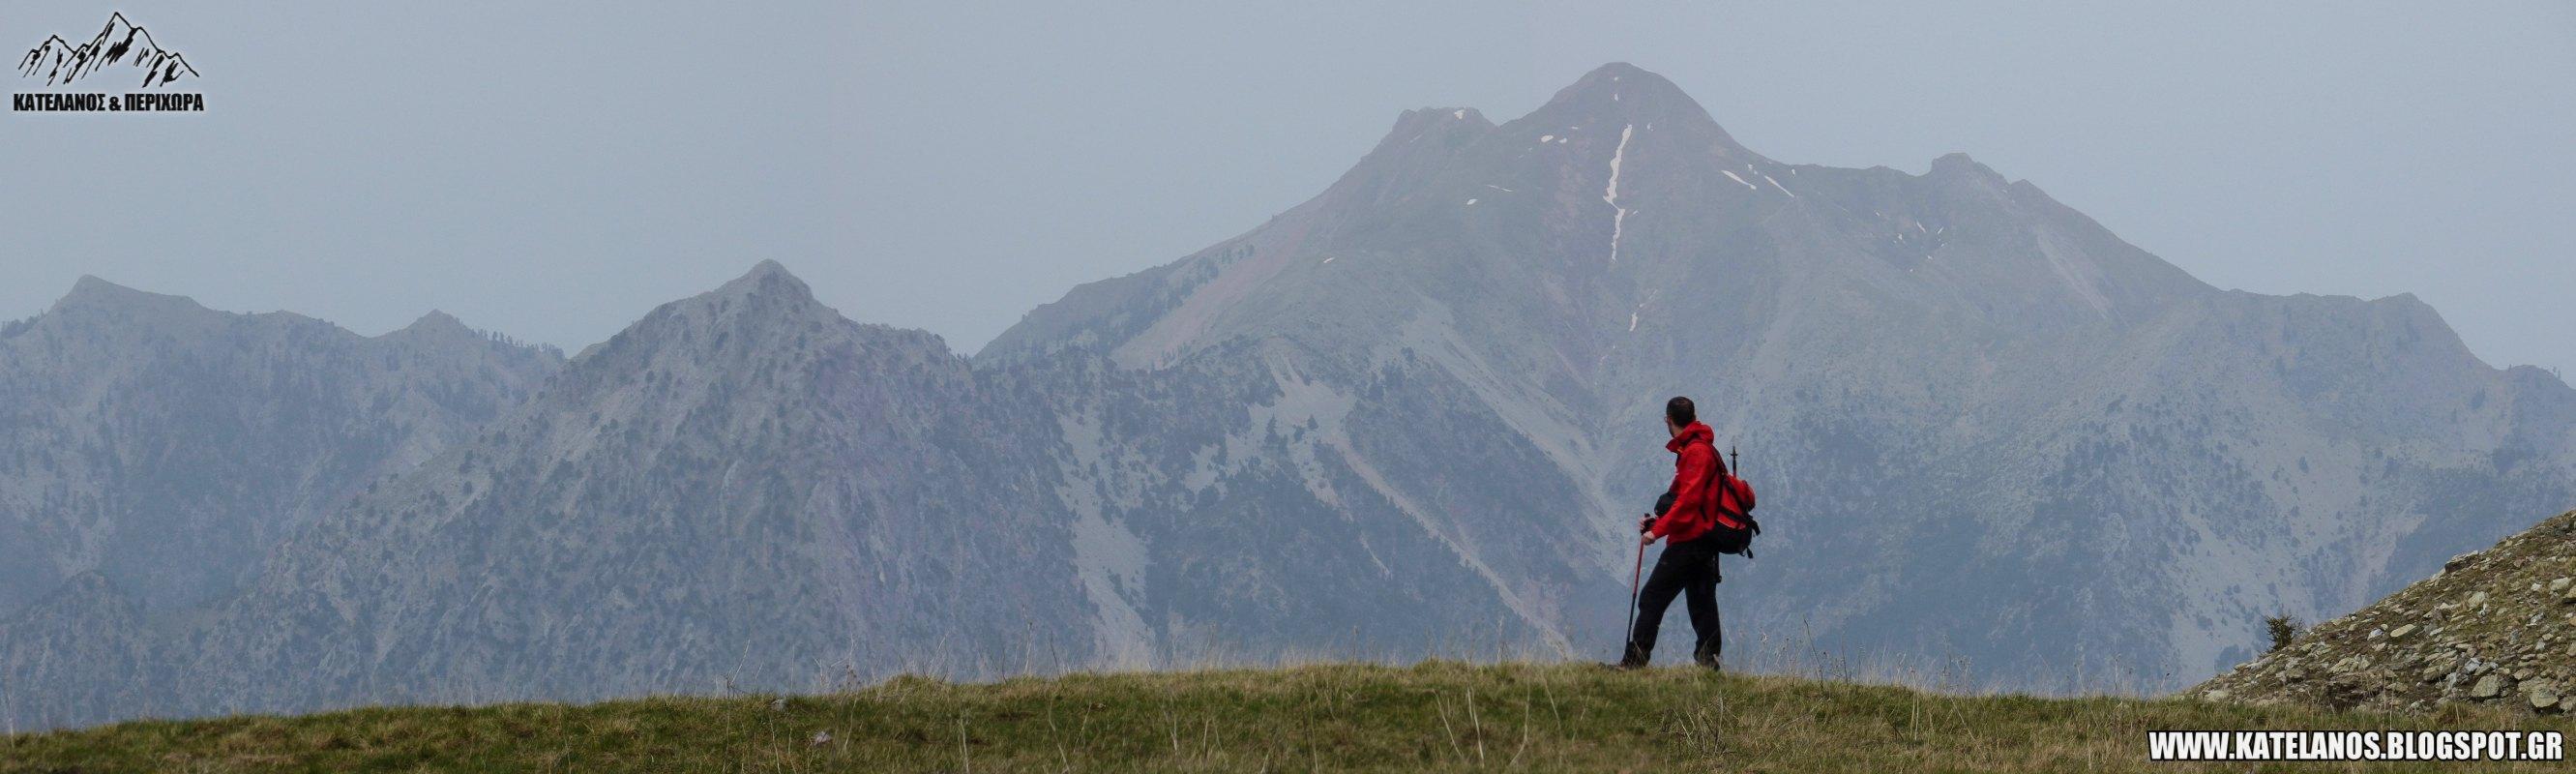 mountain chelidona